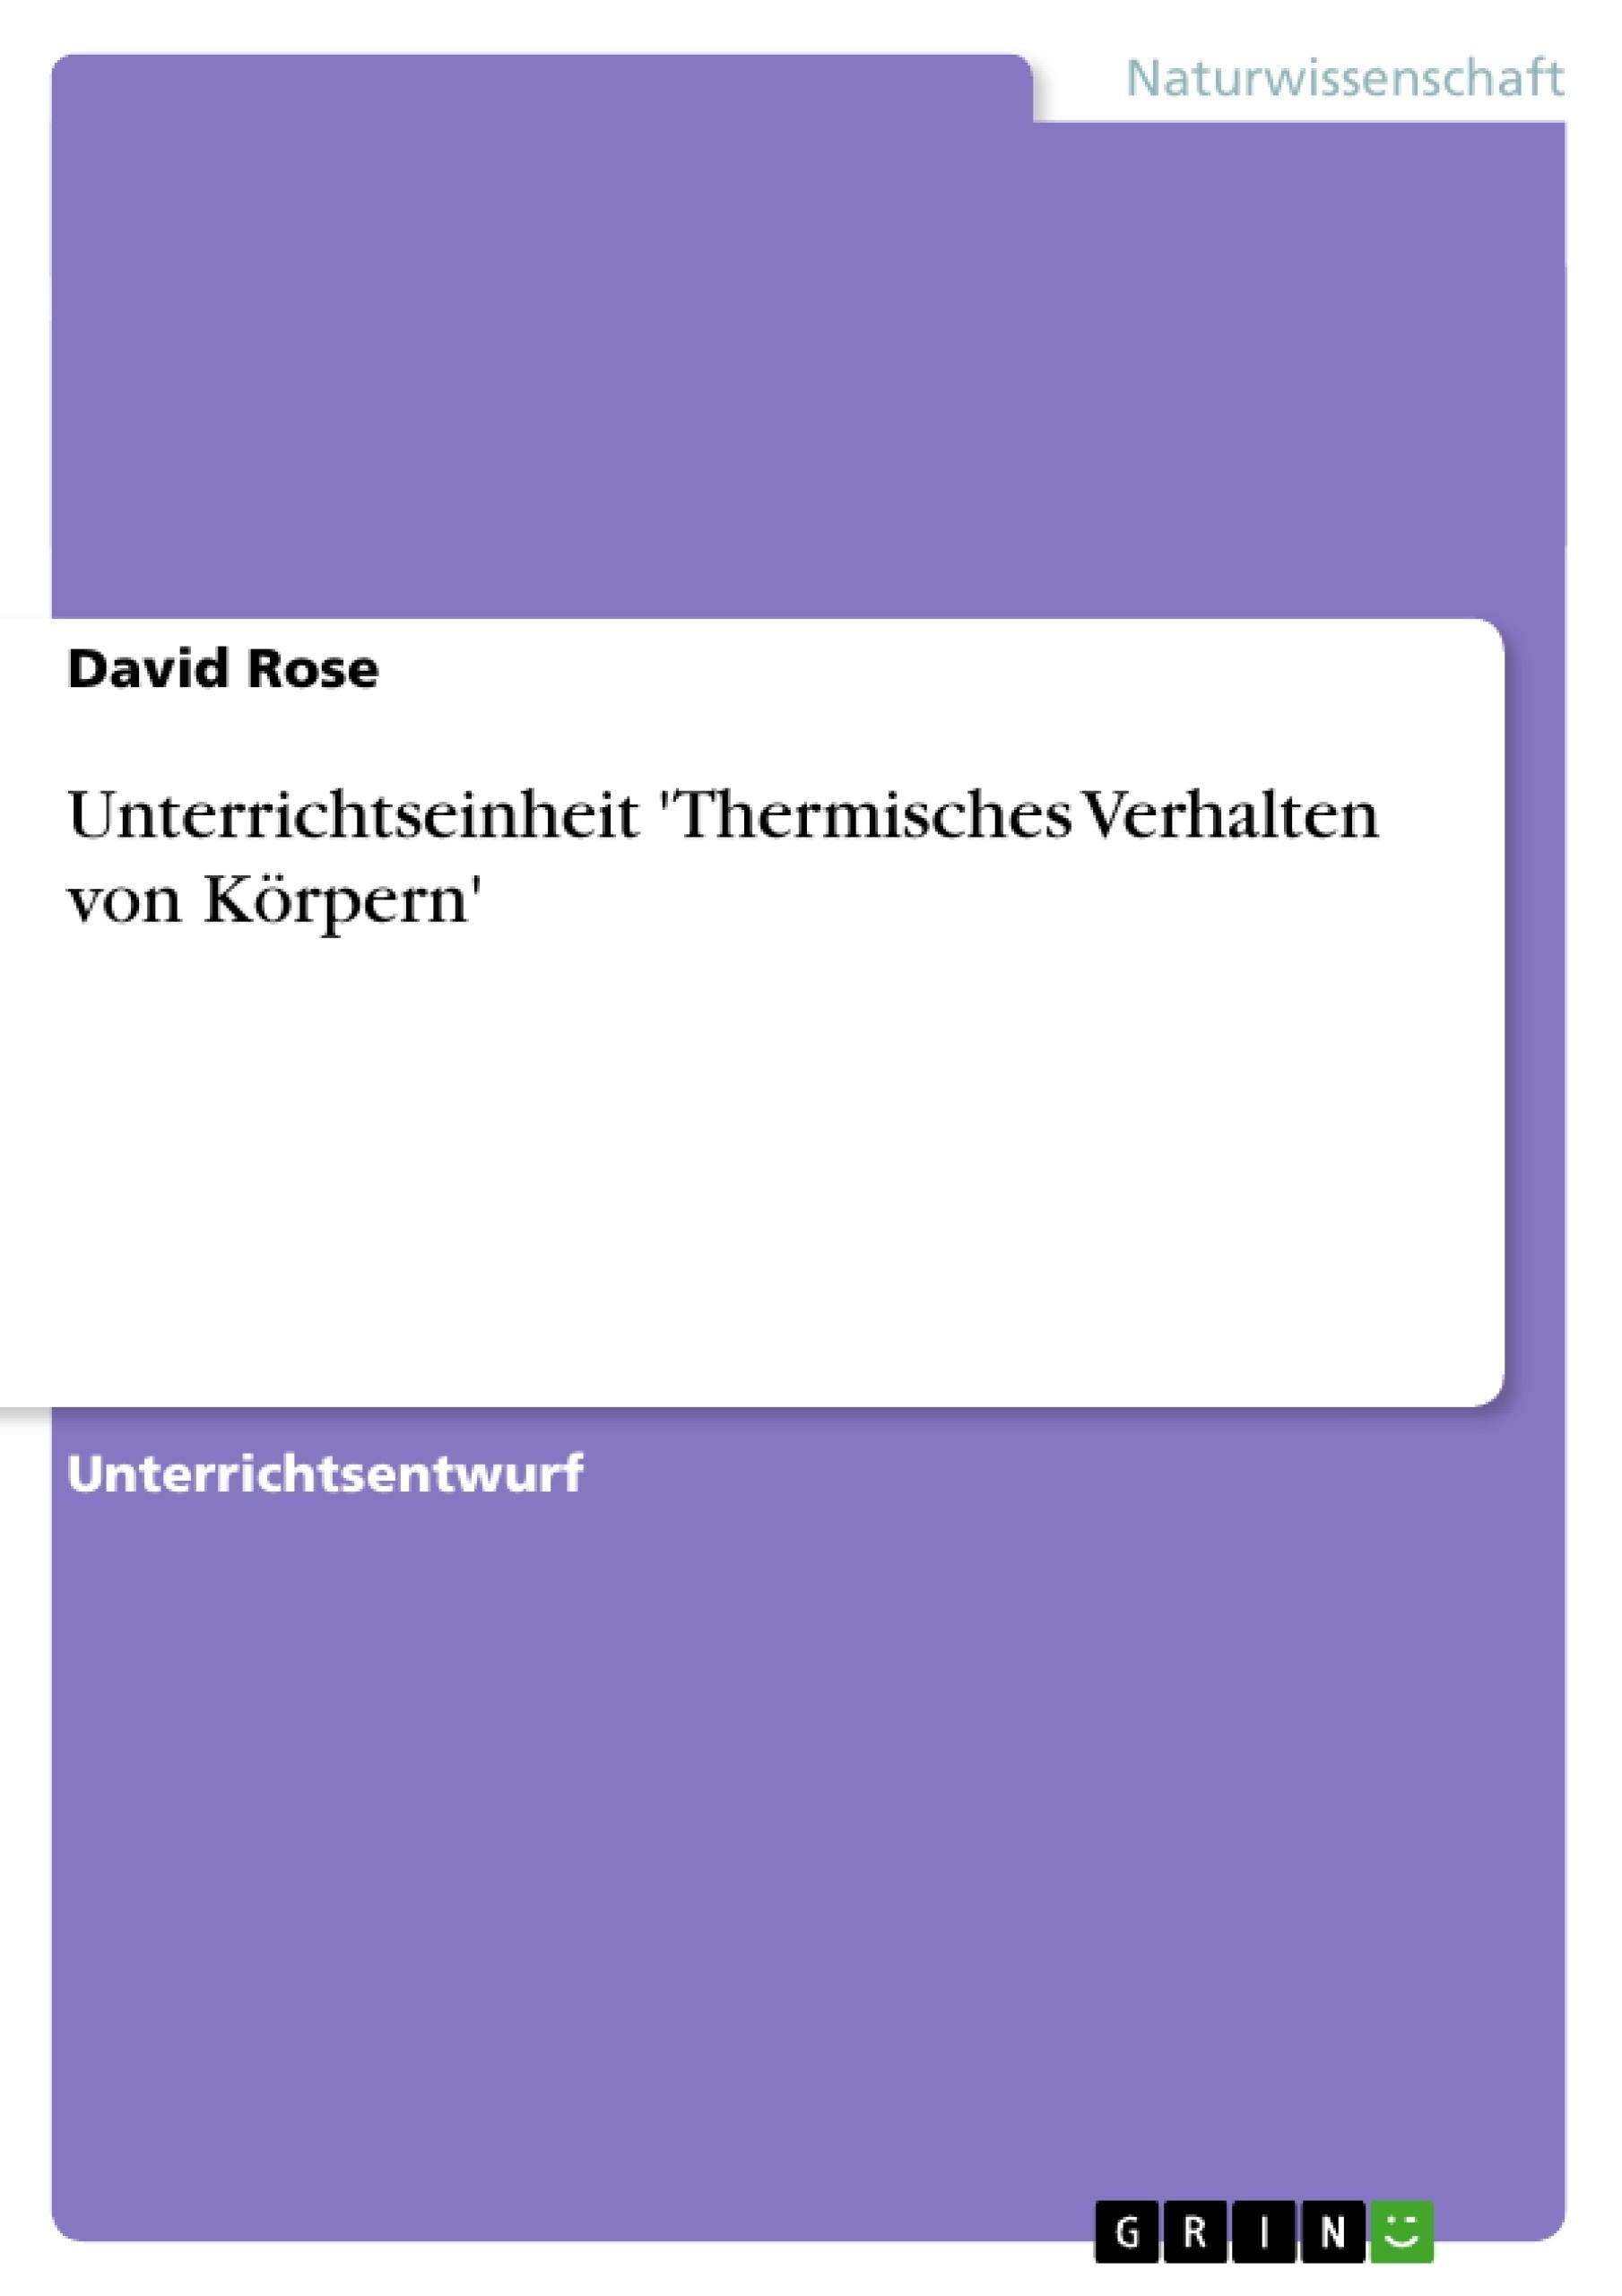 Titel: Unterrichtseinheit 'Thermisches Verhalten von Körpern'